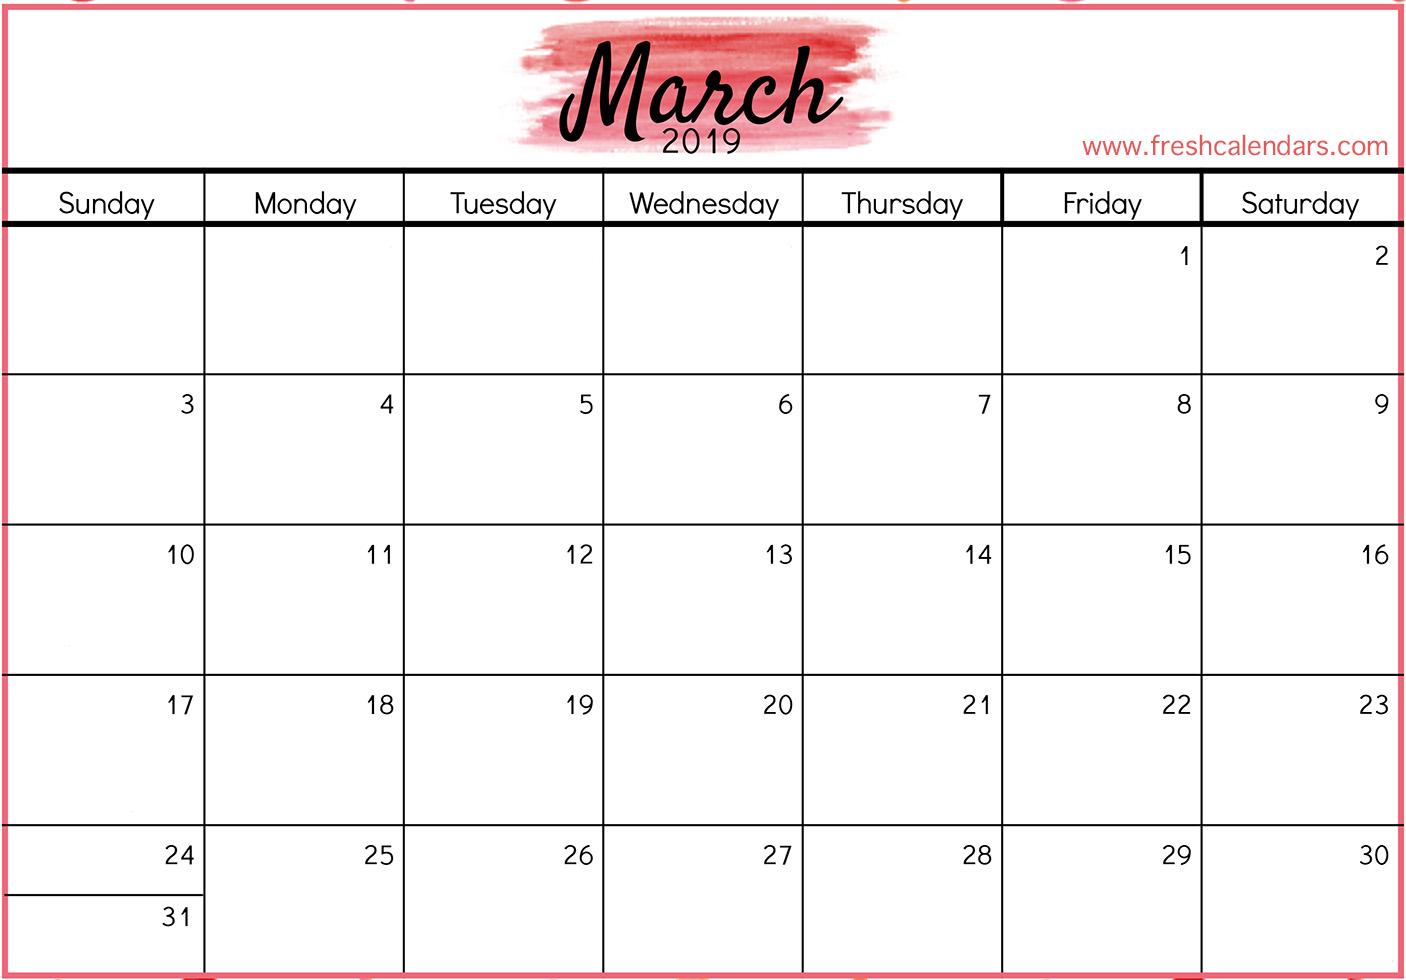 2019 March Printable Calendar